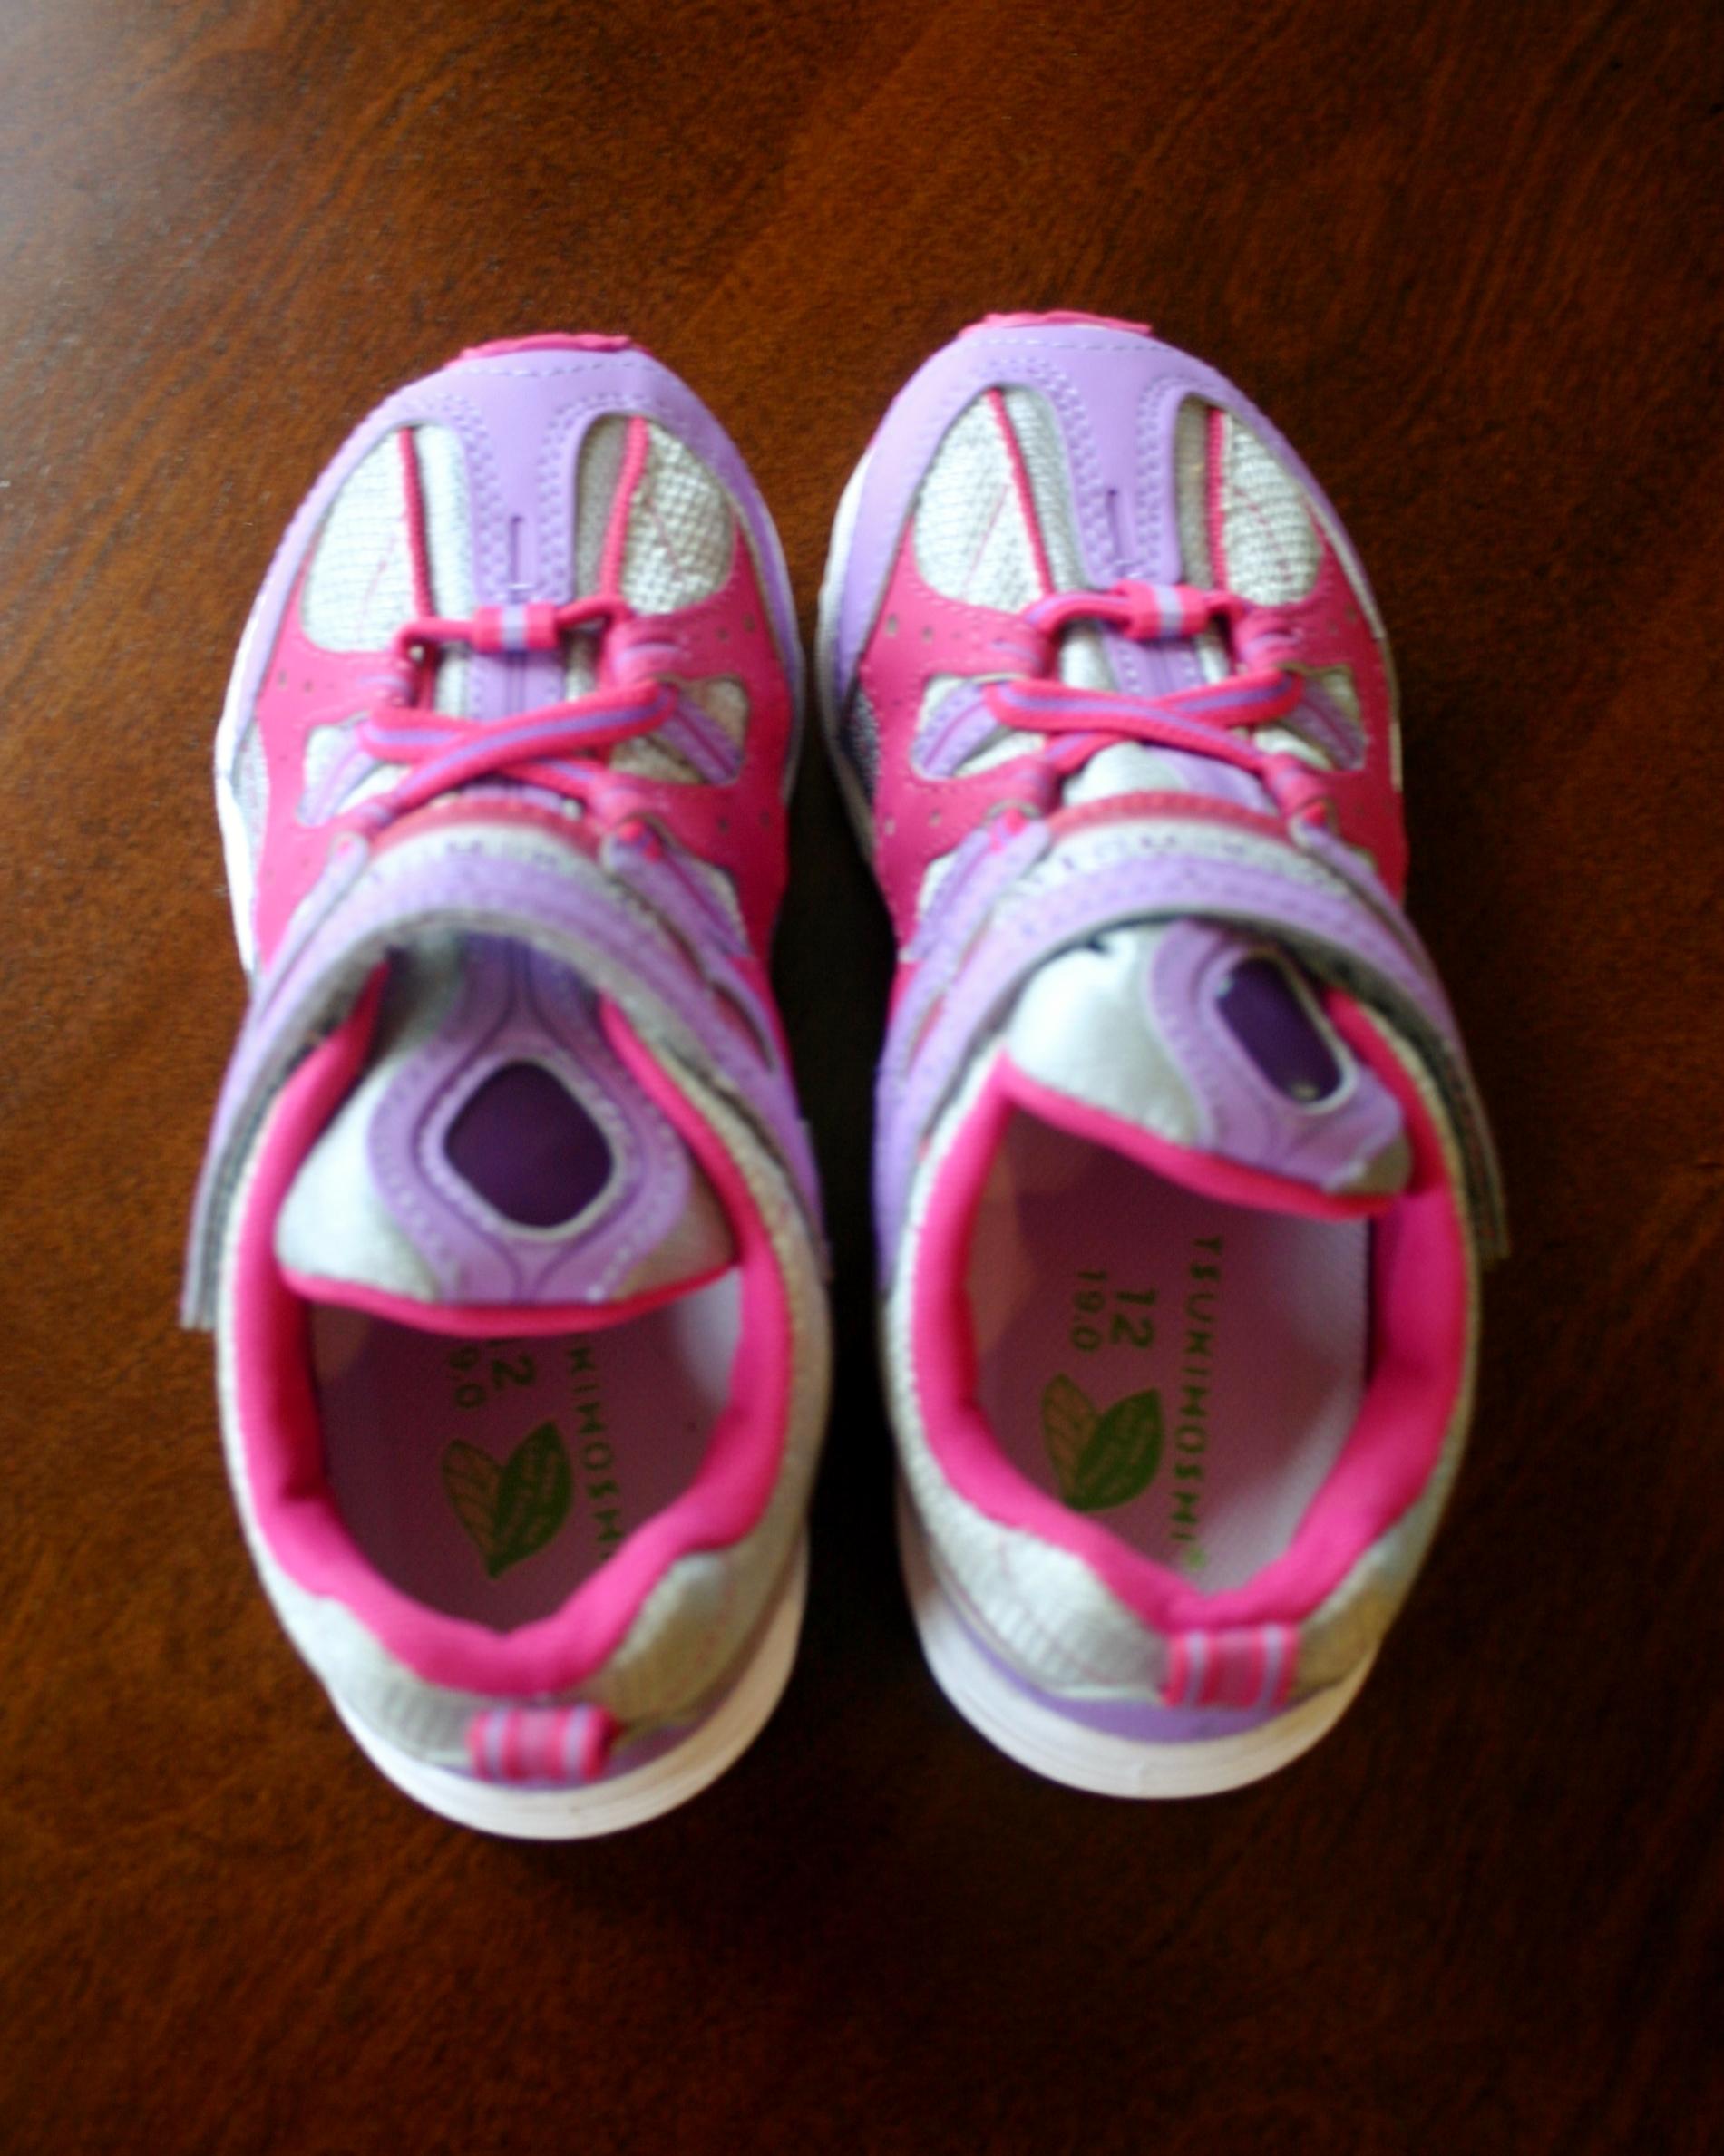 Susan's Disney Family: Kids Footwear by Tsukihoshi ...